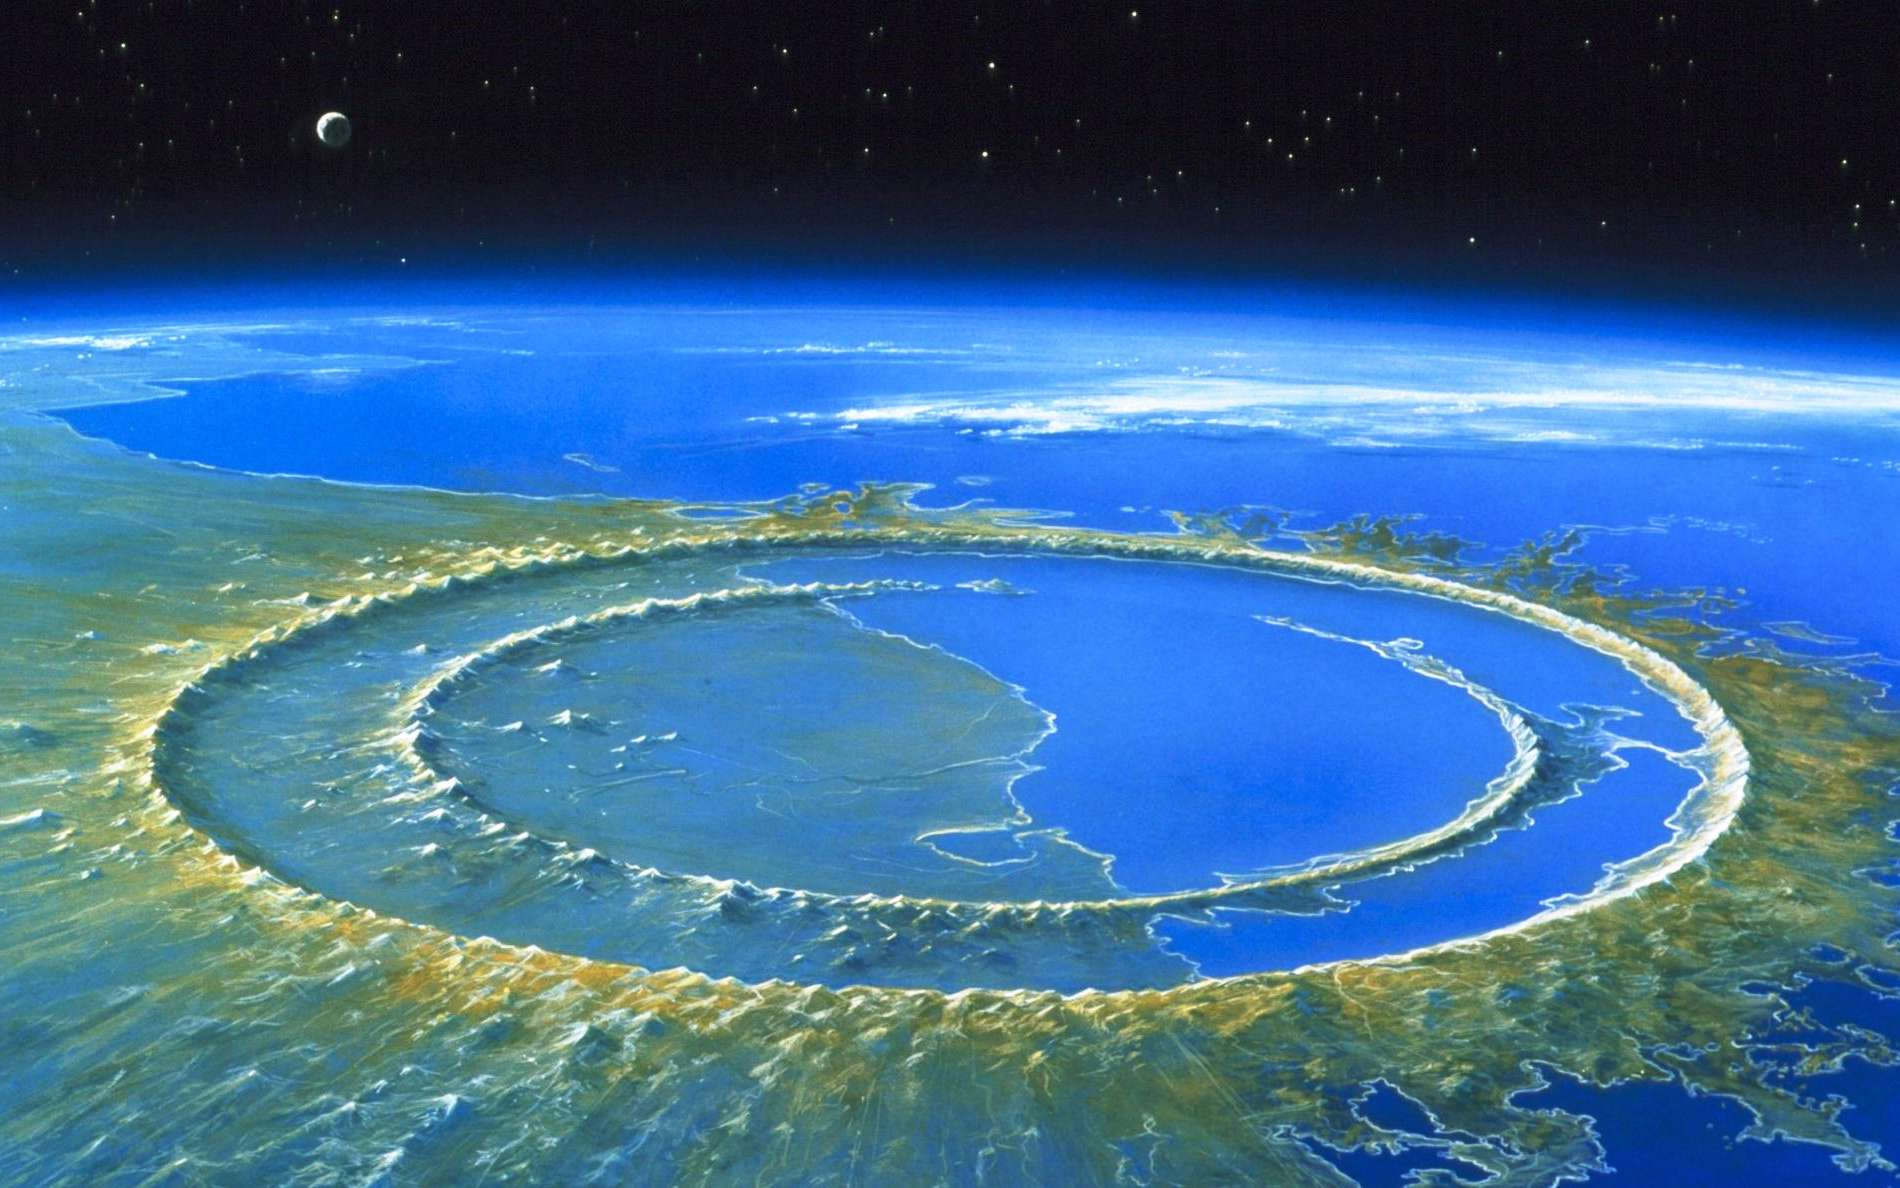 Une vue d'artiste du cratère d'impact de Chicxulub quelques milliers d'années après sa formation. © Detlev_van_Ravenswaay, Science